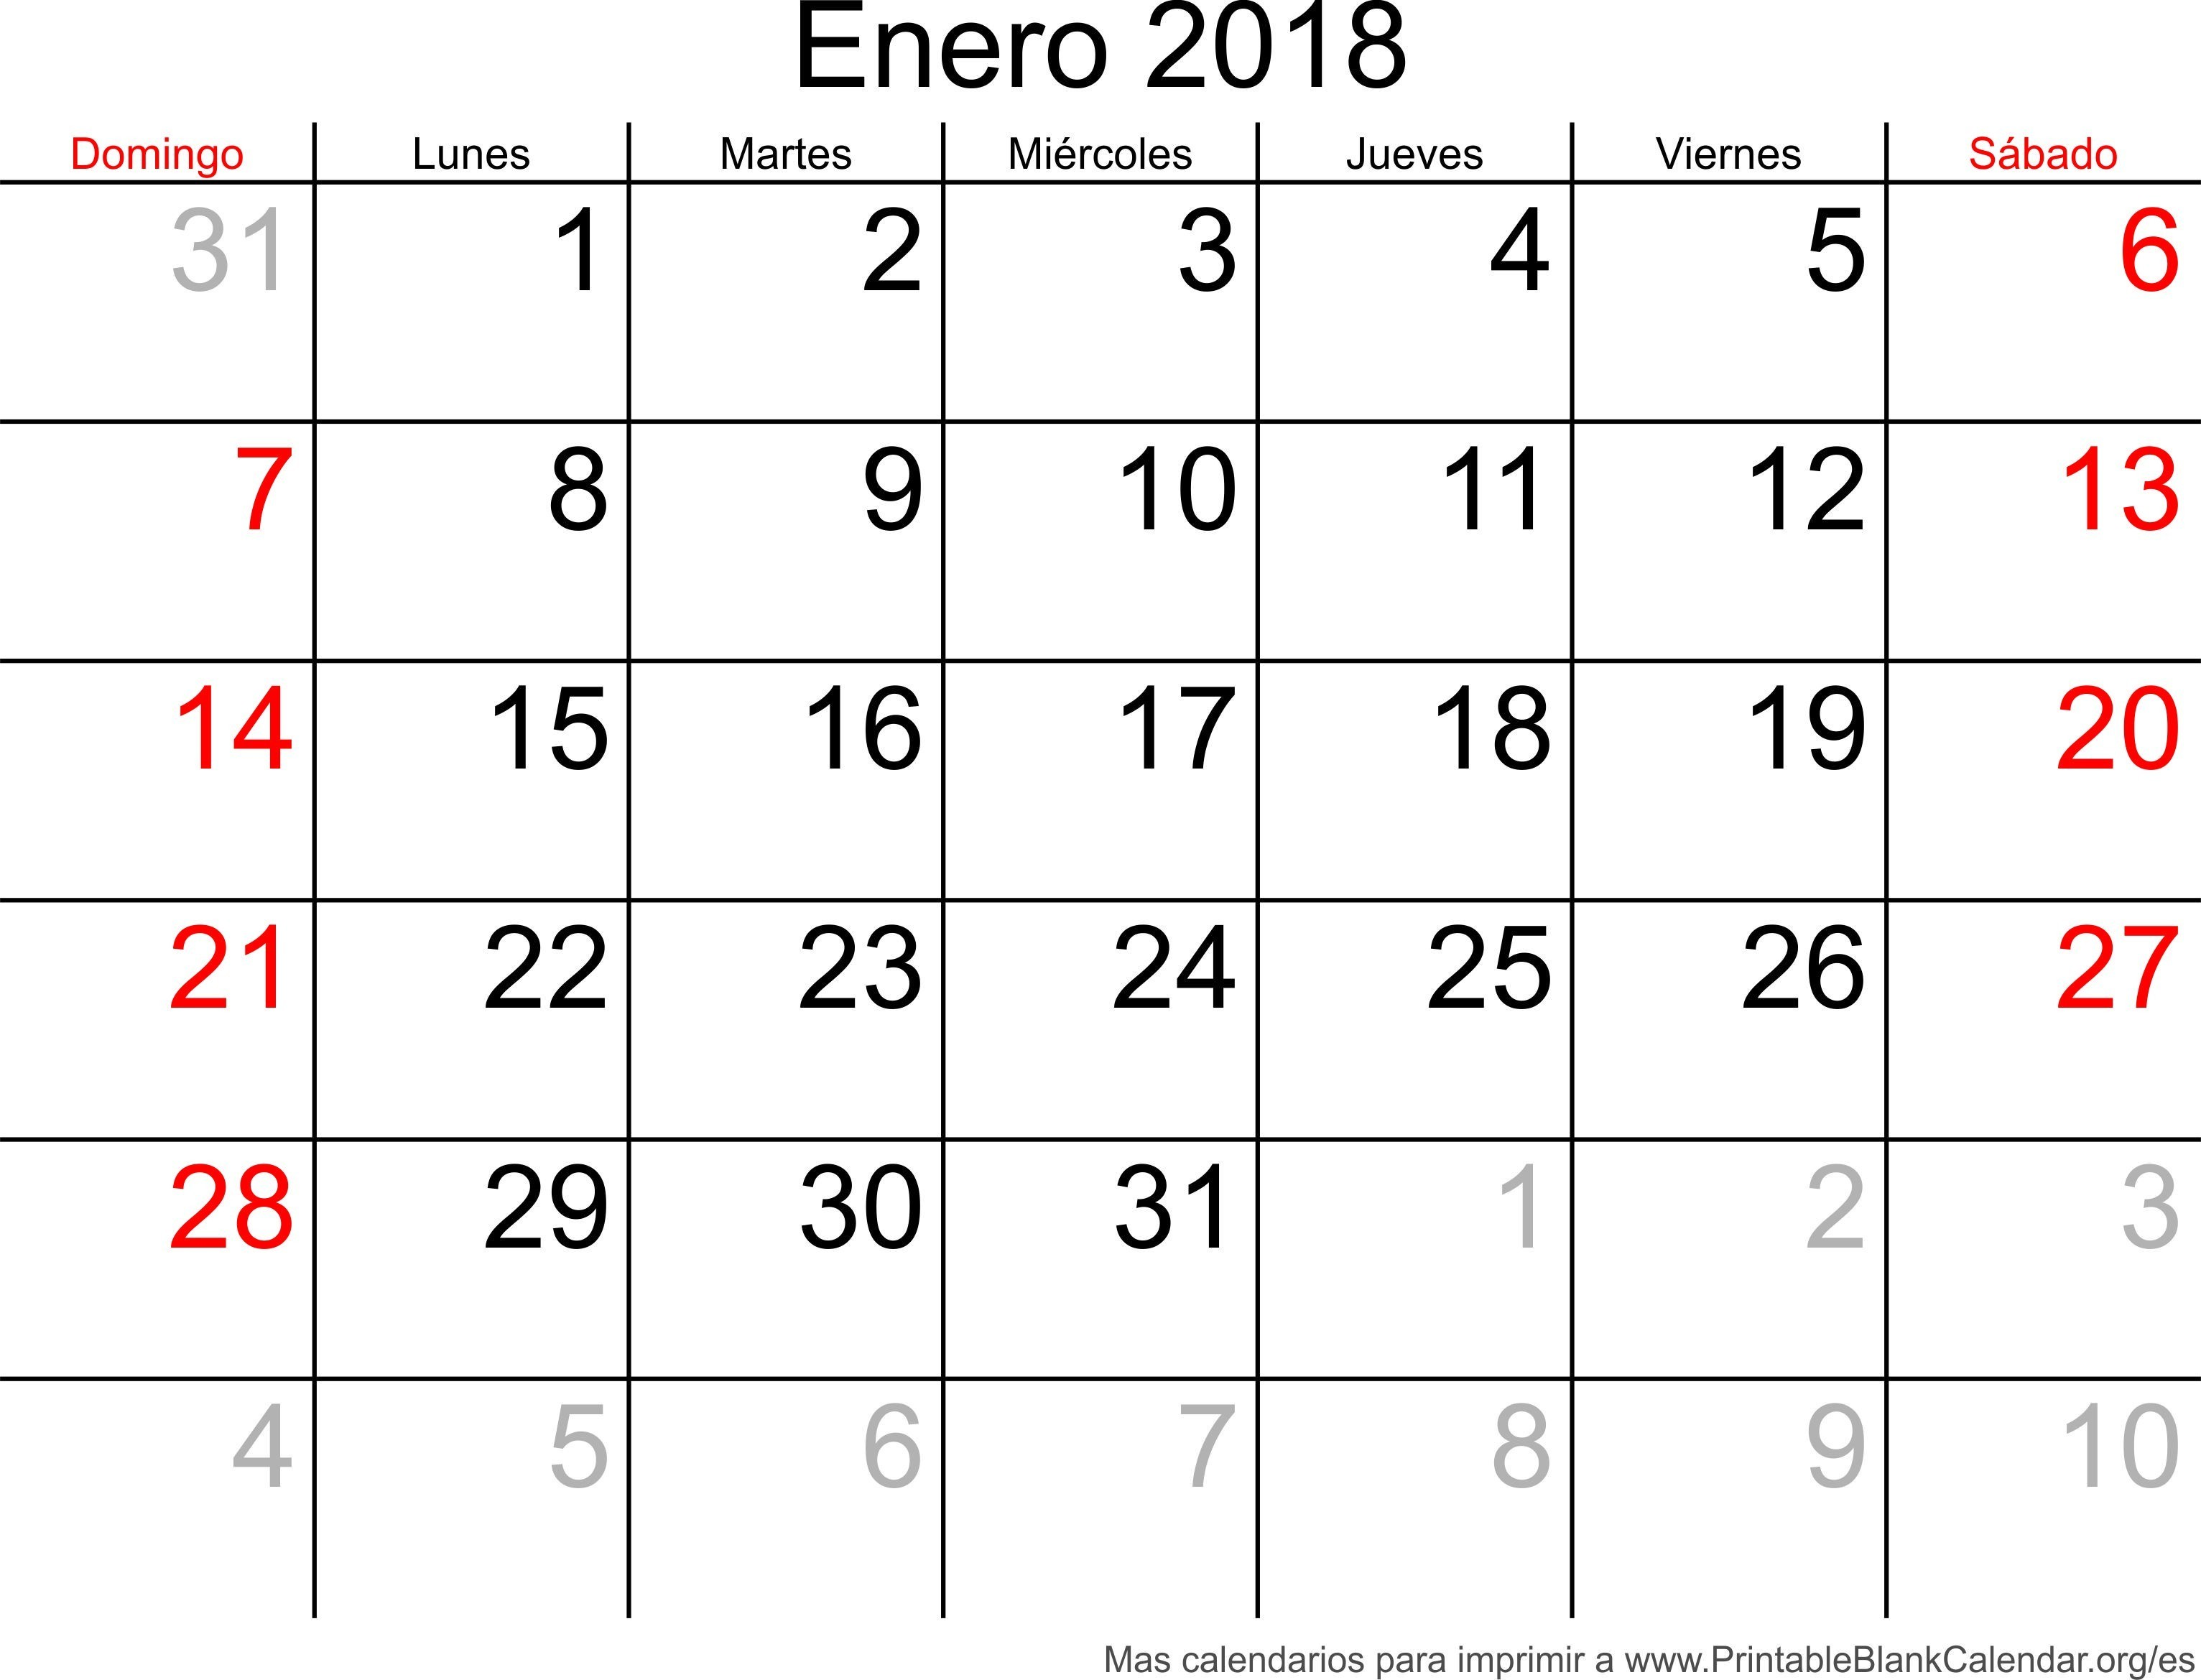 Calendario Infantil 2017 Para Imprimir Y Colorear Más Caliente Best Calendario Mes De Octubre 2017 Para Imprimir Image Collection